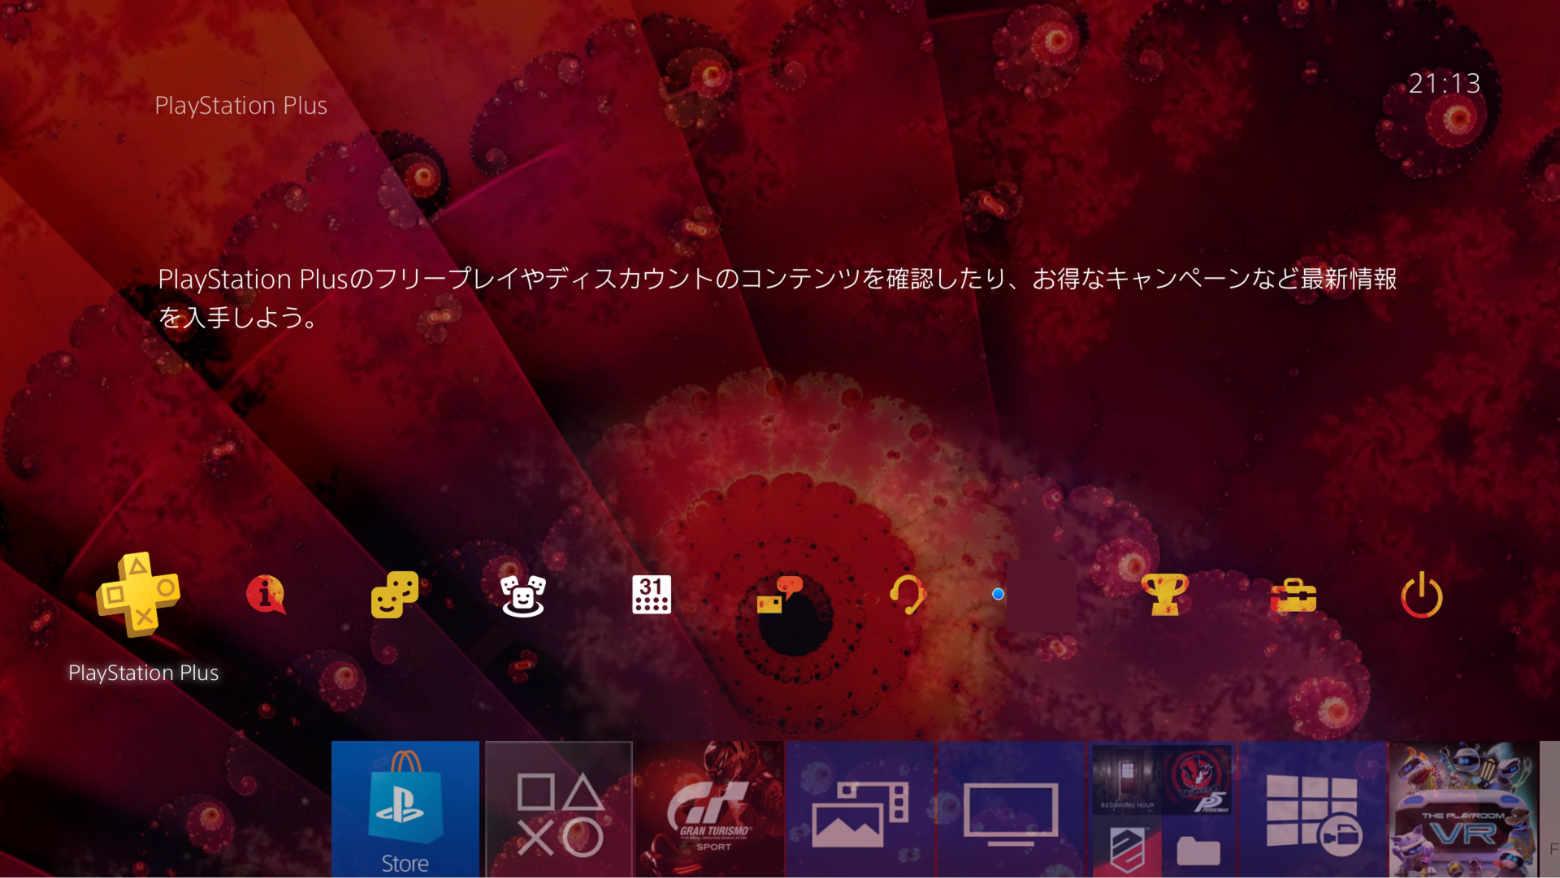 PlayStationPlusの自動更新解除